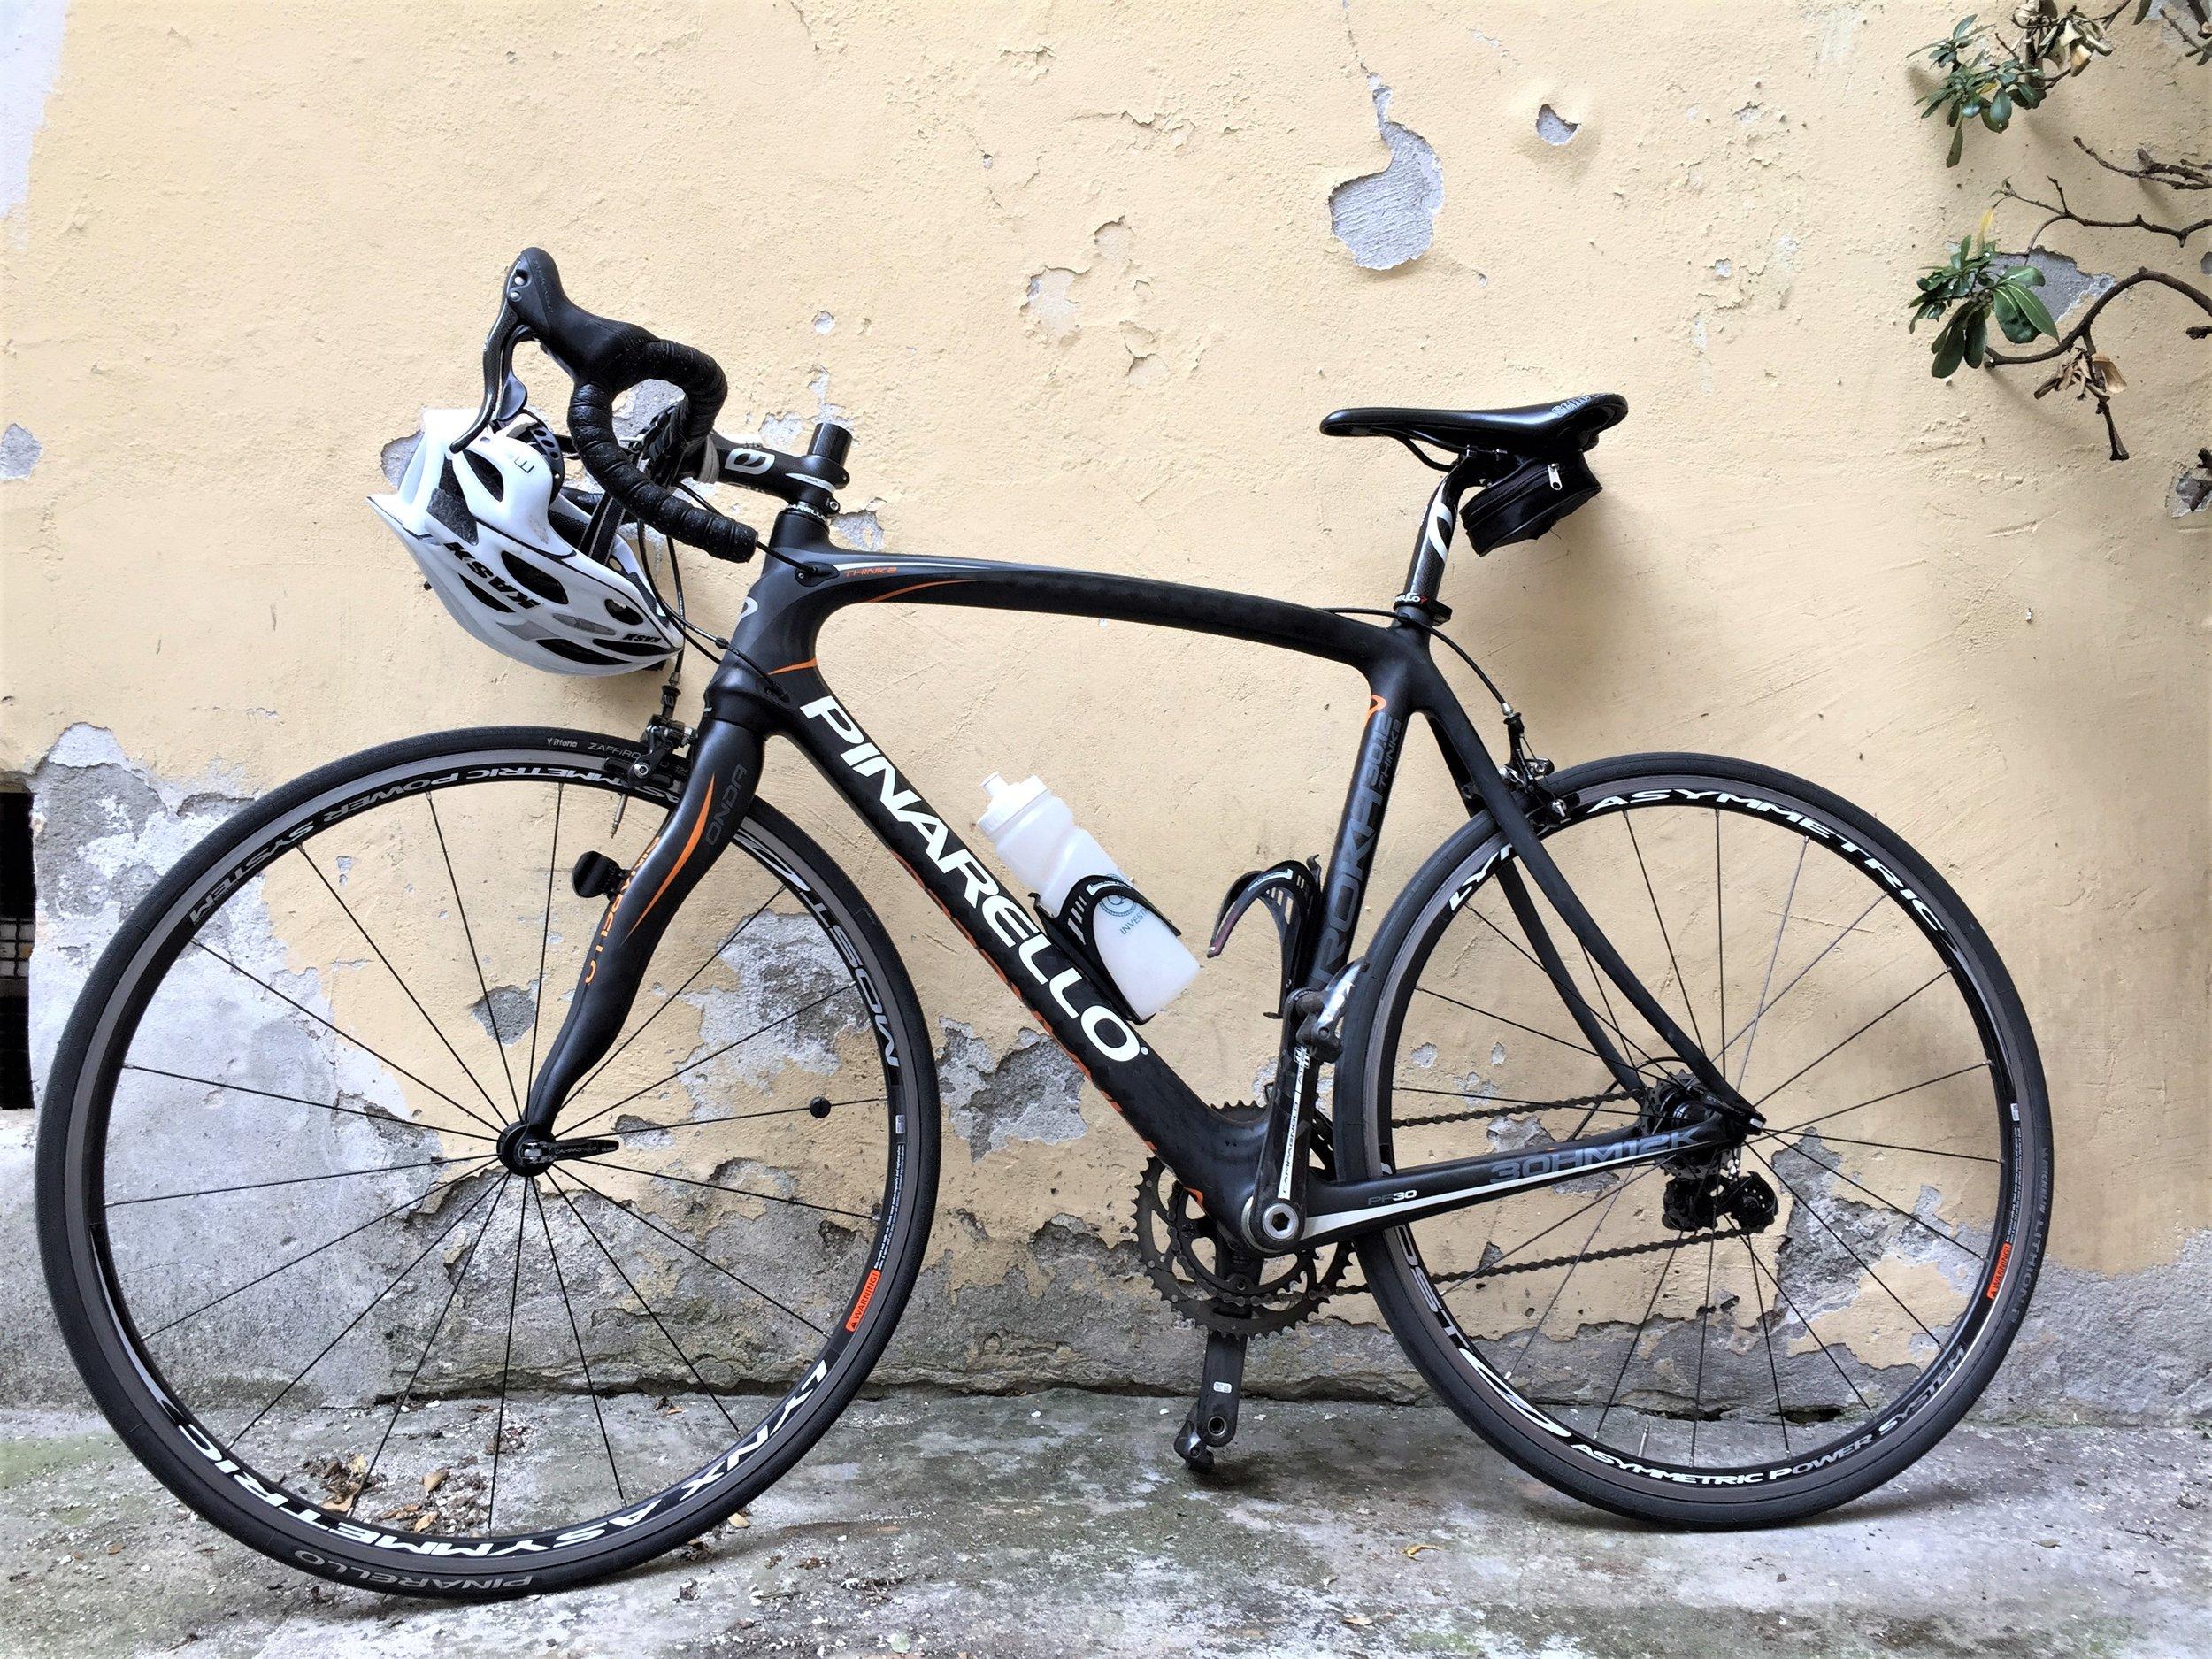 Pirarello for Lucca